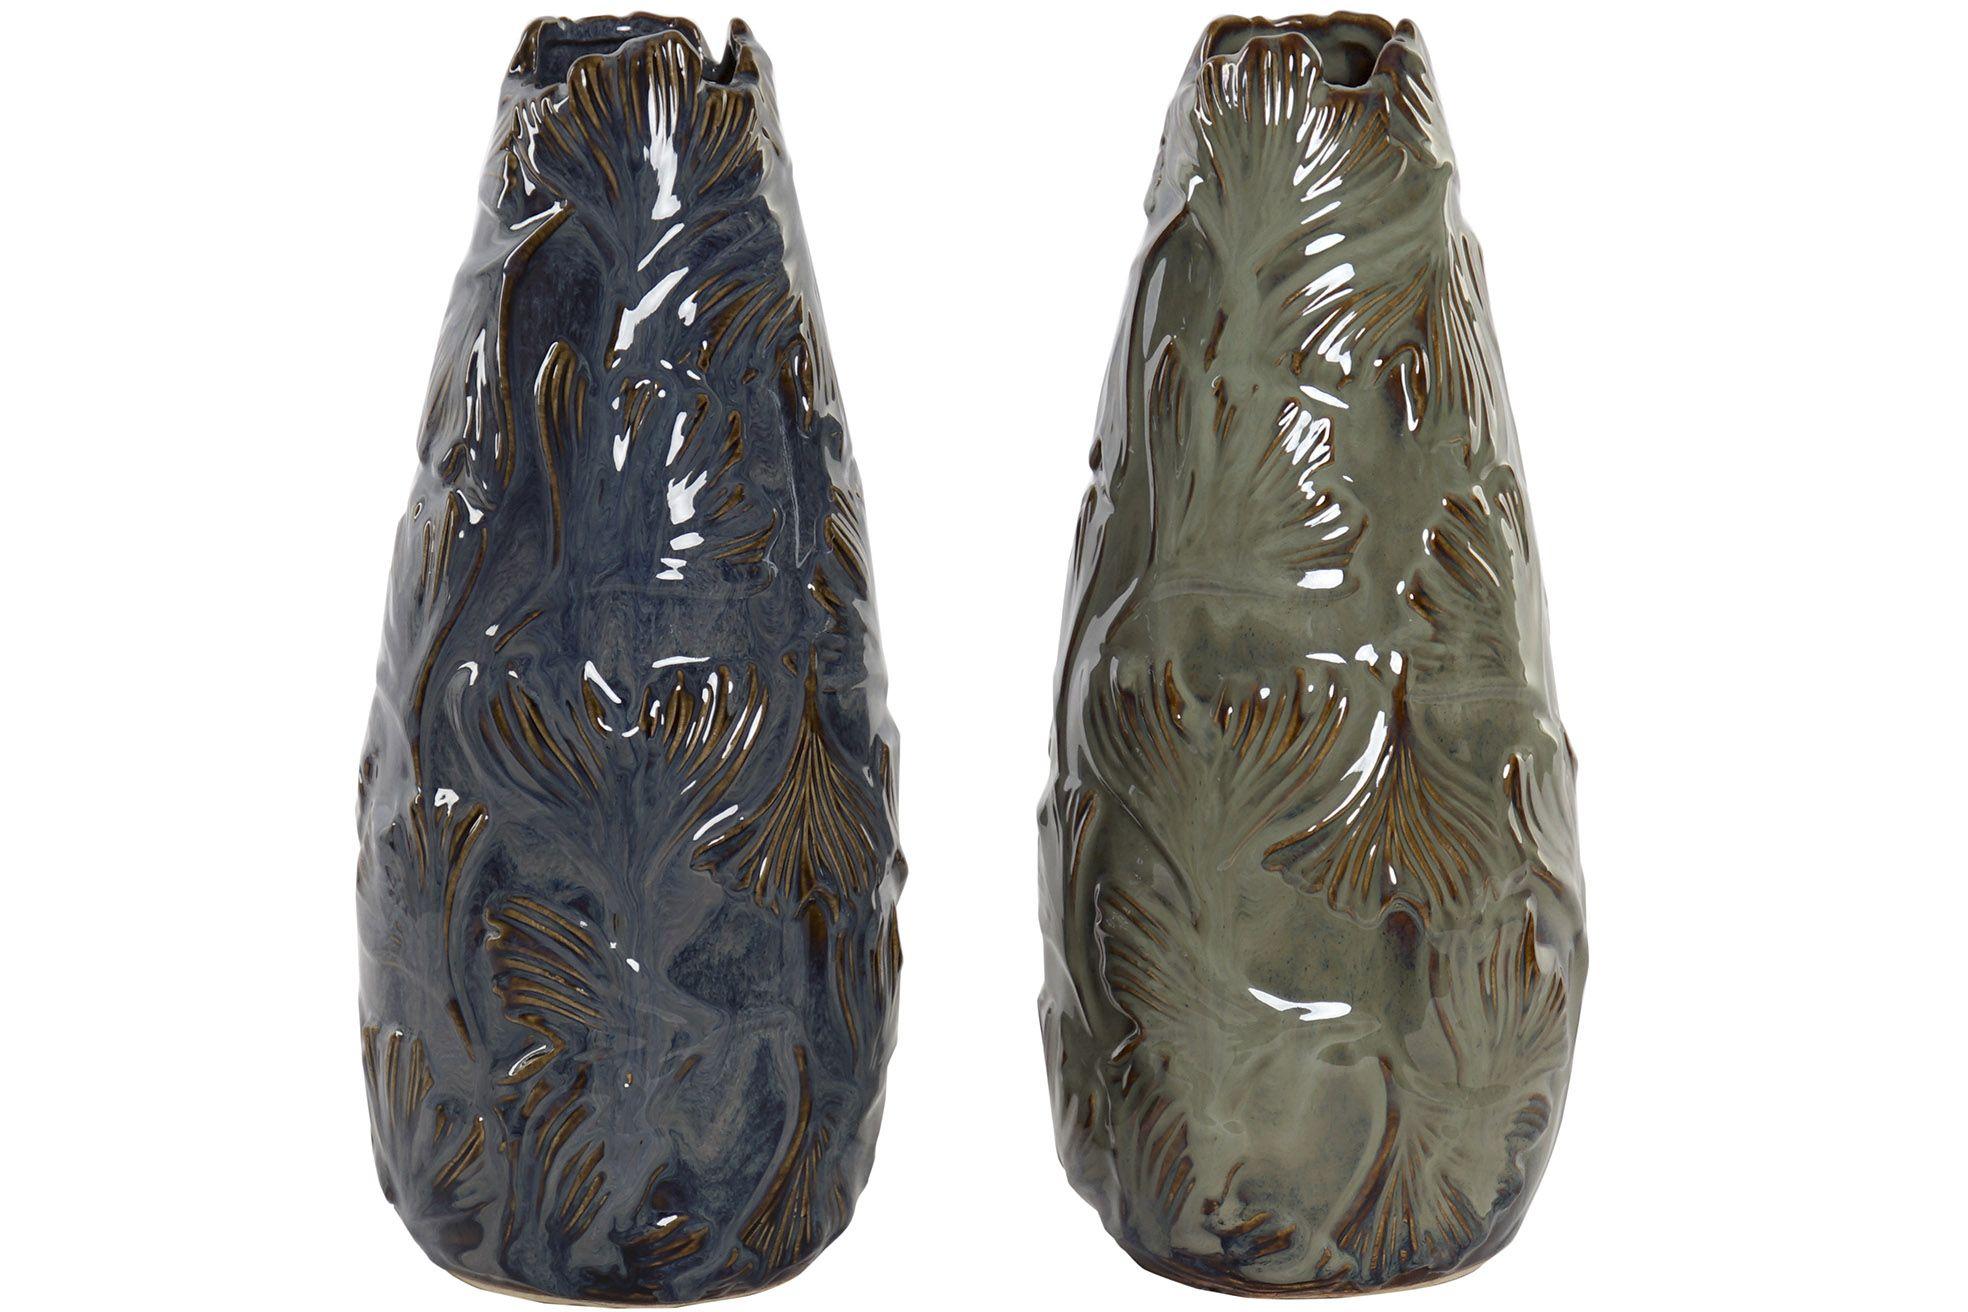 Vase i keramik 14,5x33 cm